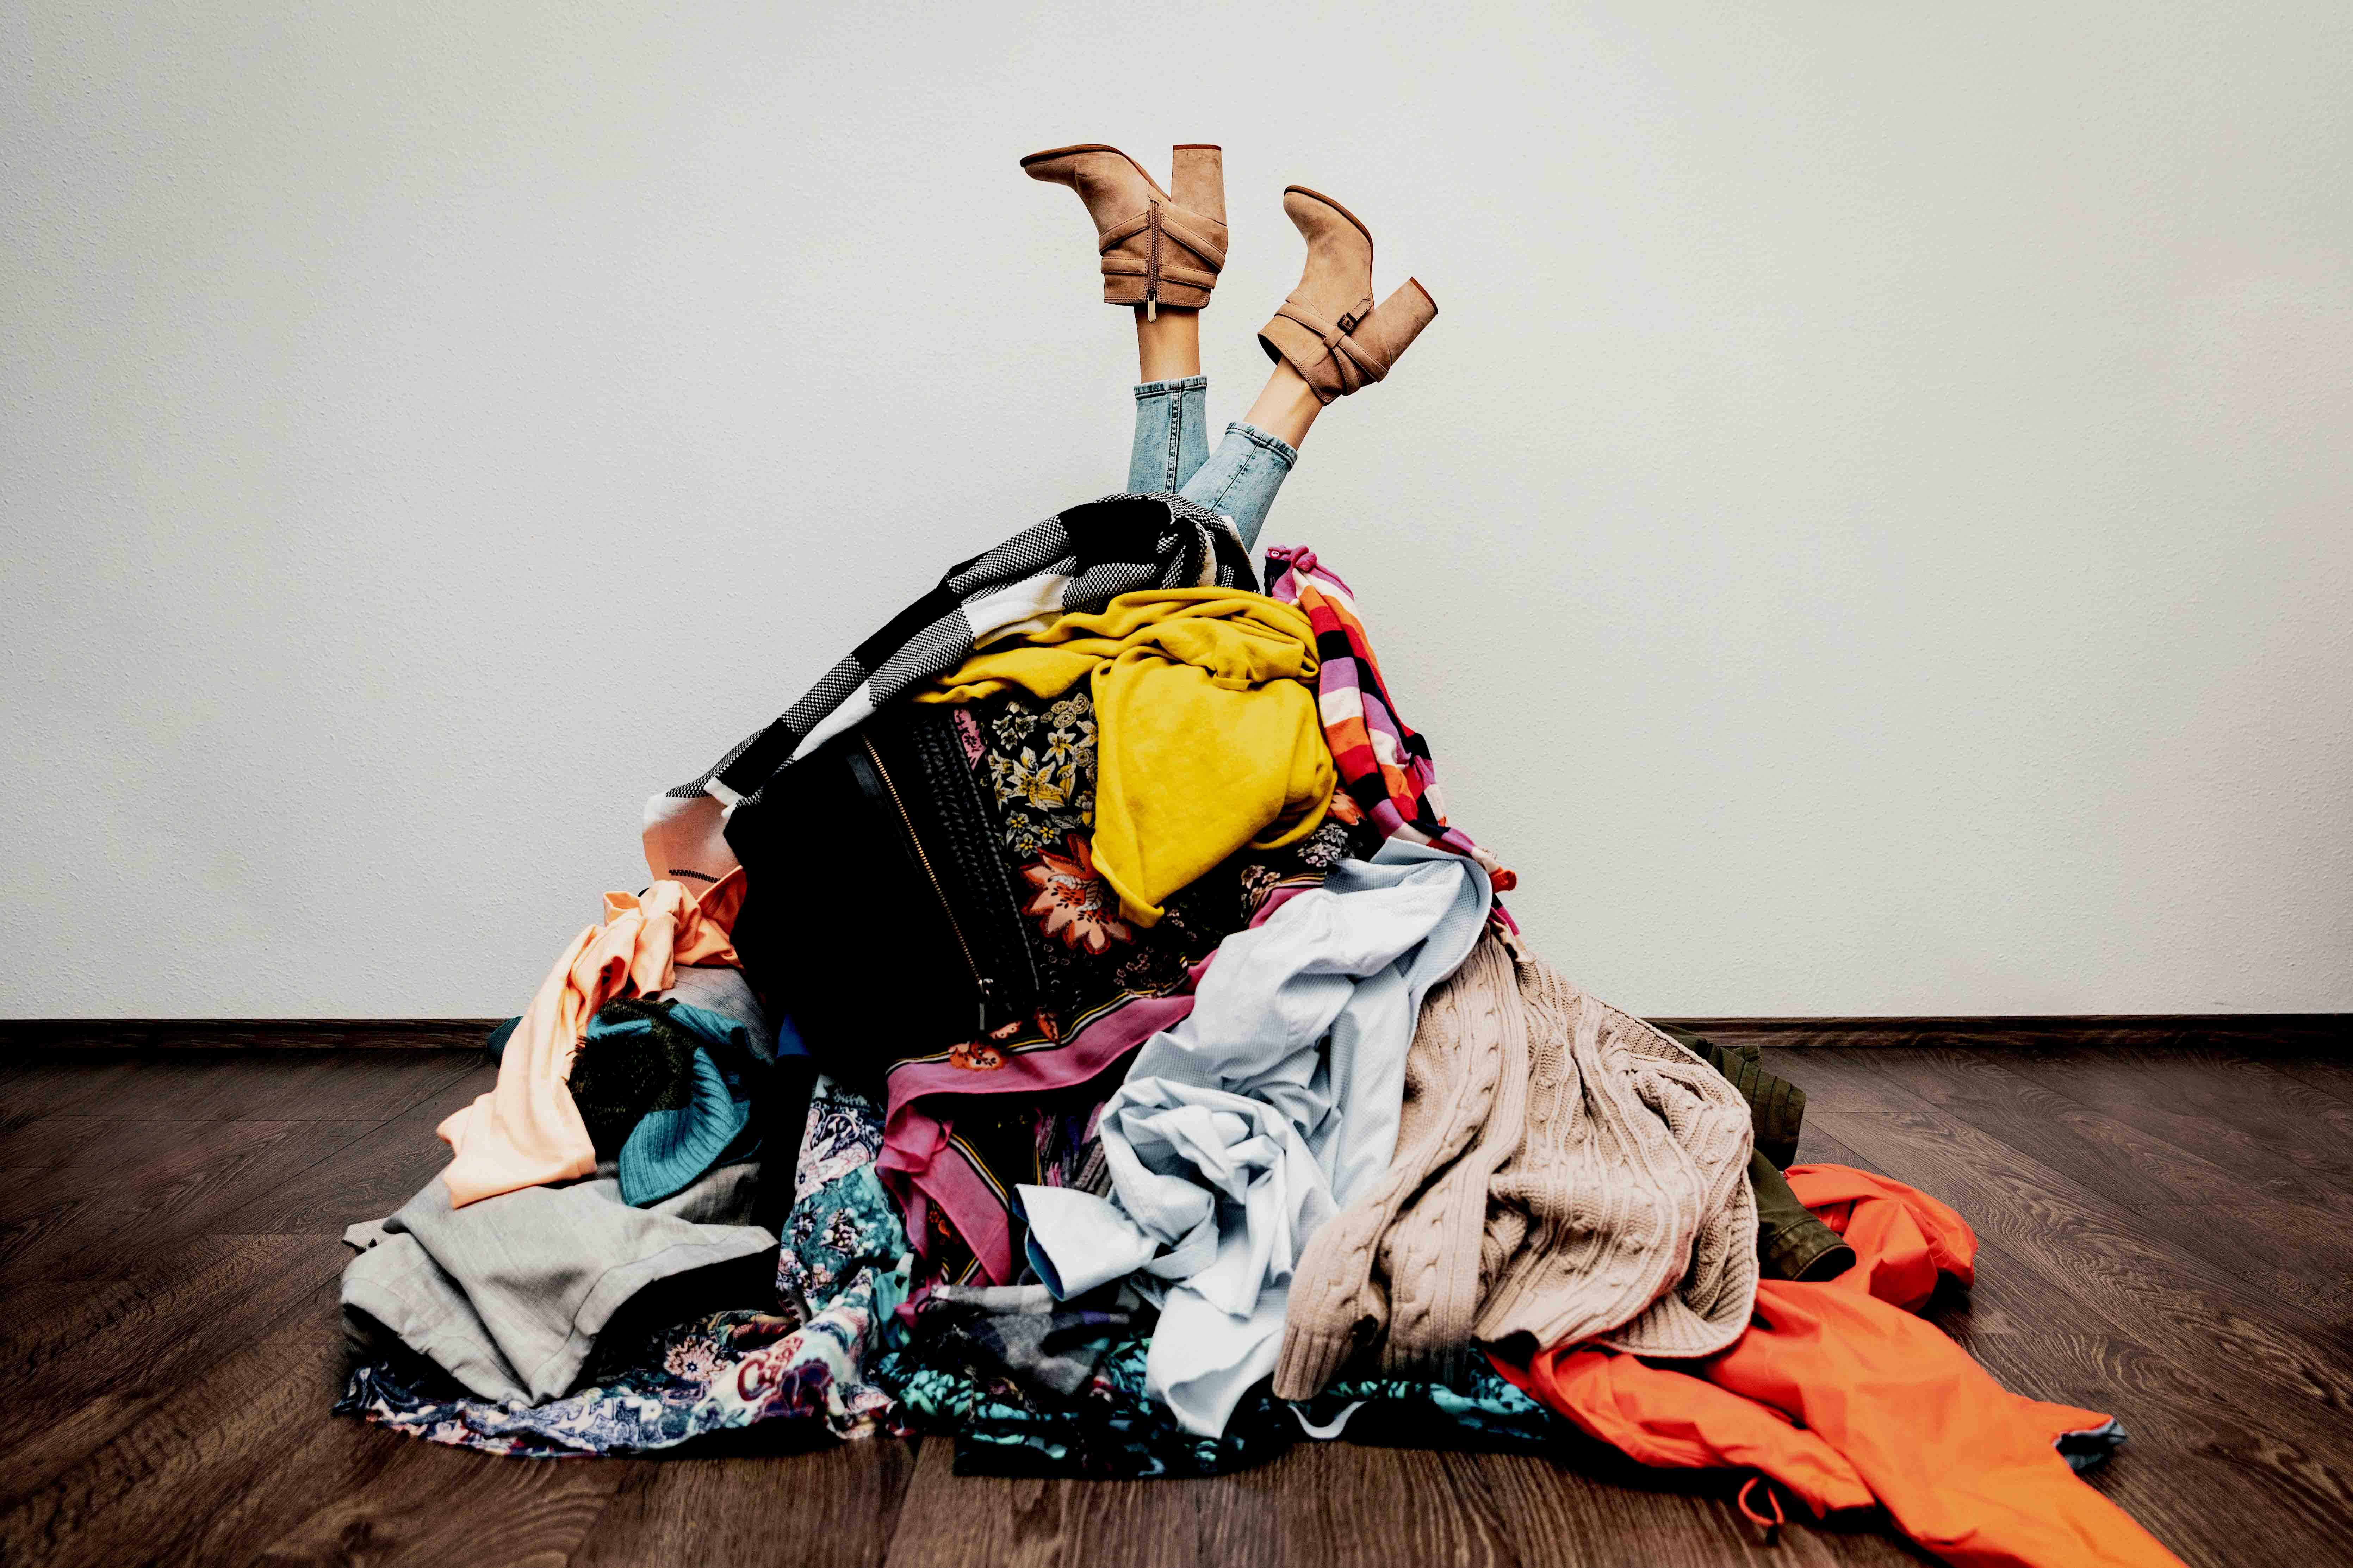 Ein Markenproduzent für Young Fashion (Oberbekleidung) wurde bei rückläufigen Margen durch wachsende Geschäftskomplexität belastet. Fast- Fashion-Prozesse und Multi Channel Management waren nicht auf Wettbewerbsniveau. Das Preis- und Konditionensystem passte nicht zur Kundenstruktur. Nach strategischer Neuausrichtung erfolgten die Einführung eines neuen Preissystems und die Optimierung der Kernprozesse.